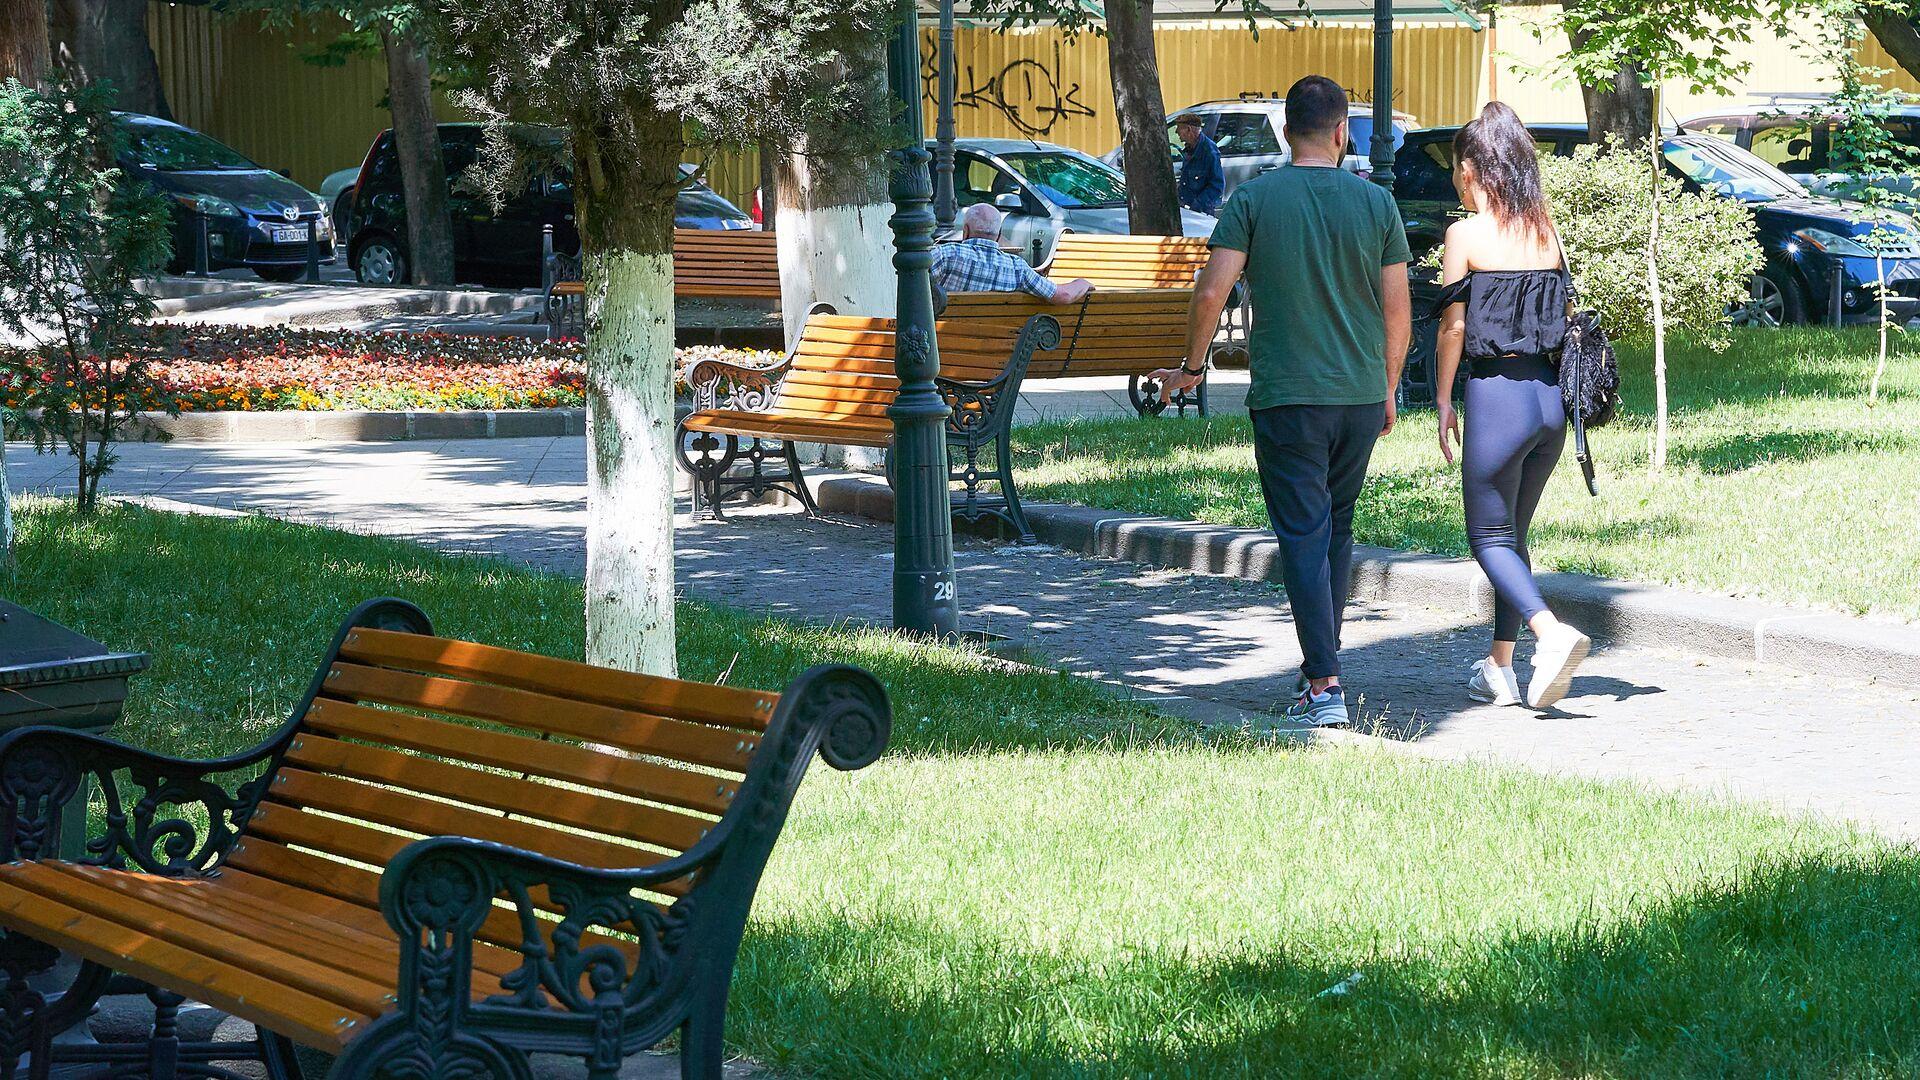 ახალგაზრდები პარკში - Sputnik საქართველო, 1920, 27.08.2021